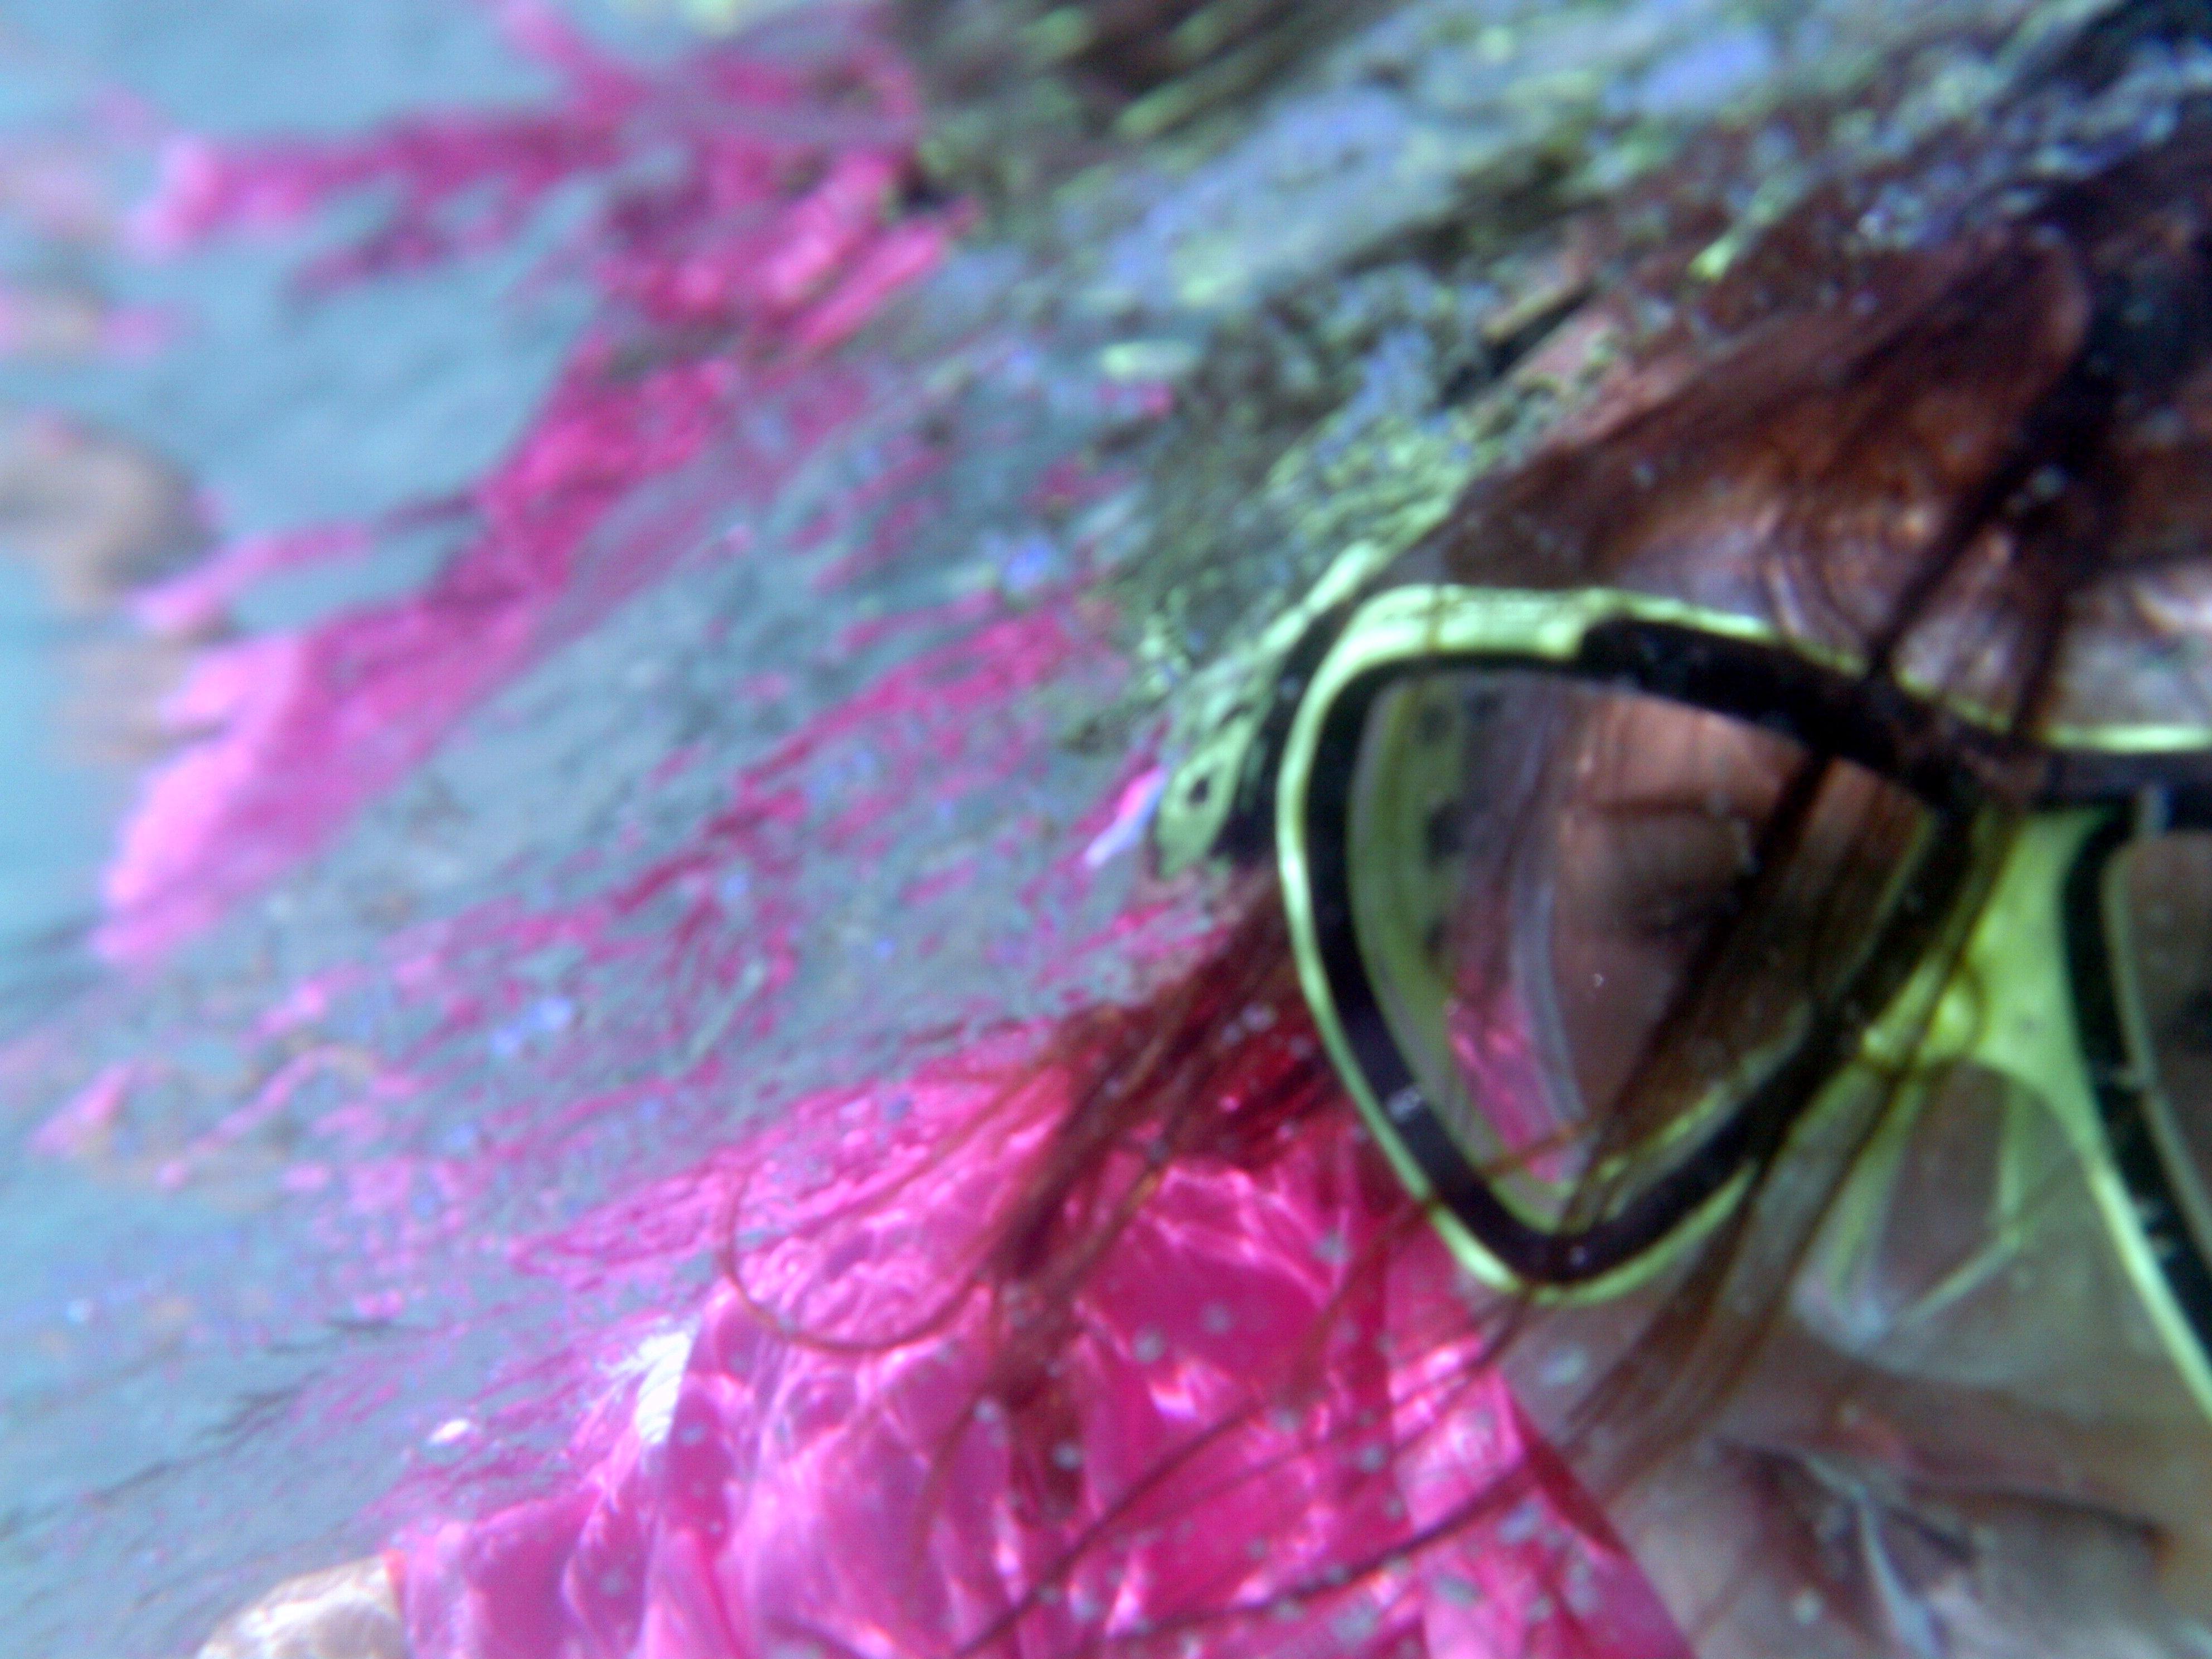 Selbstportrait Unterwasser